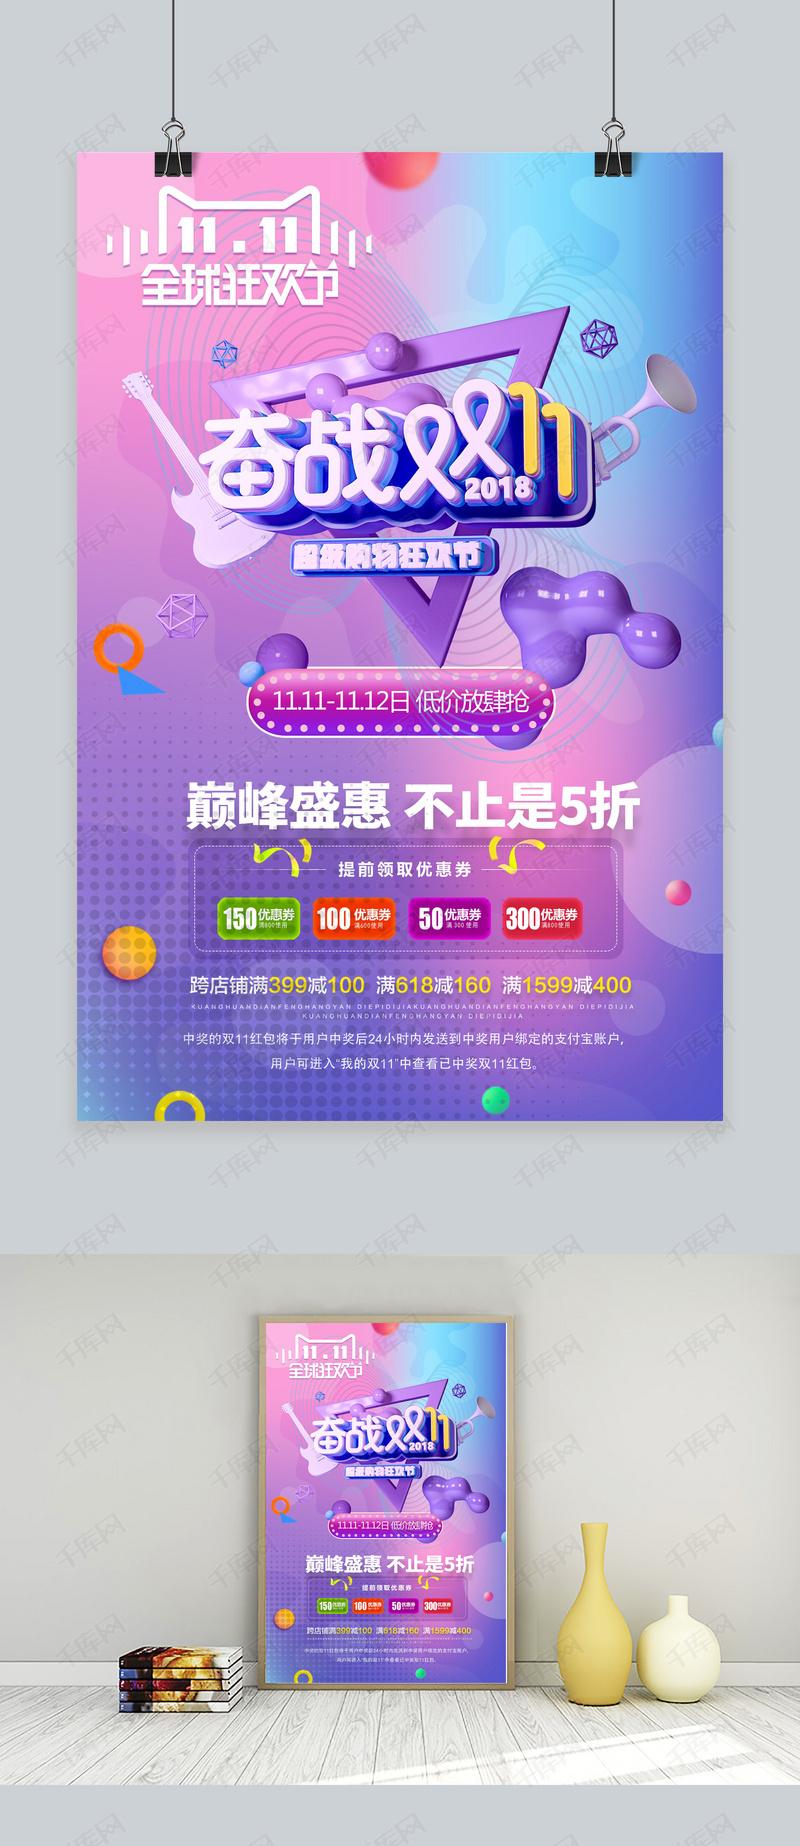 粉色清新双十一活动海报